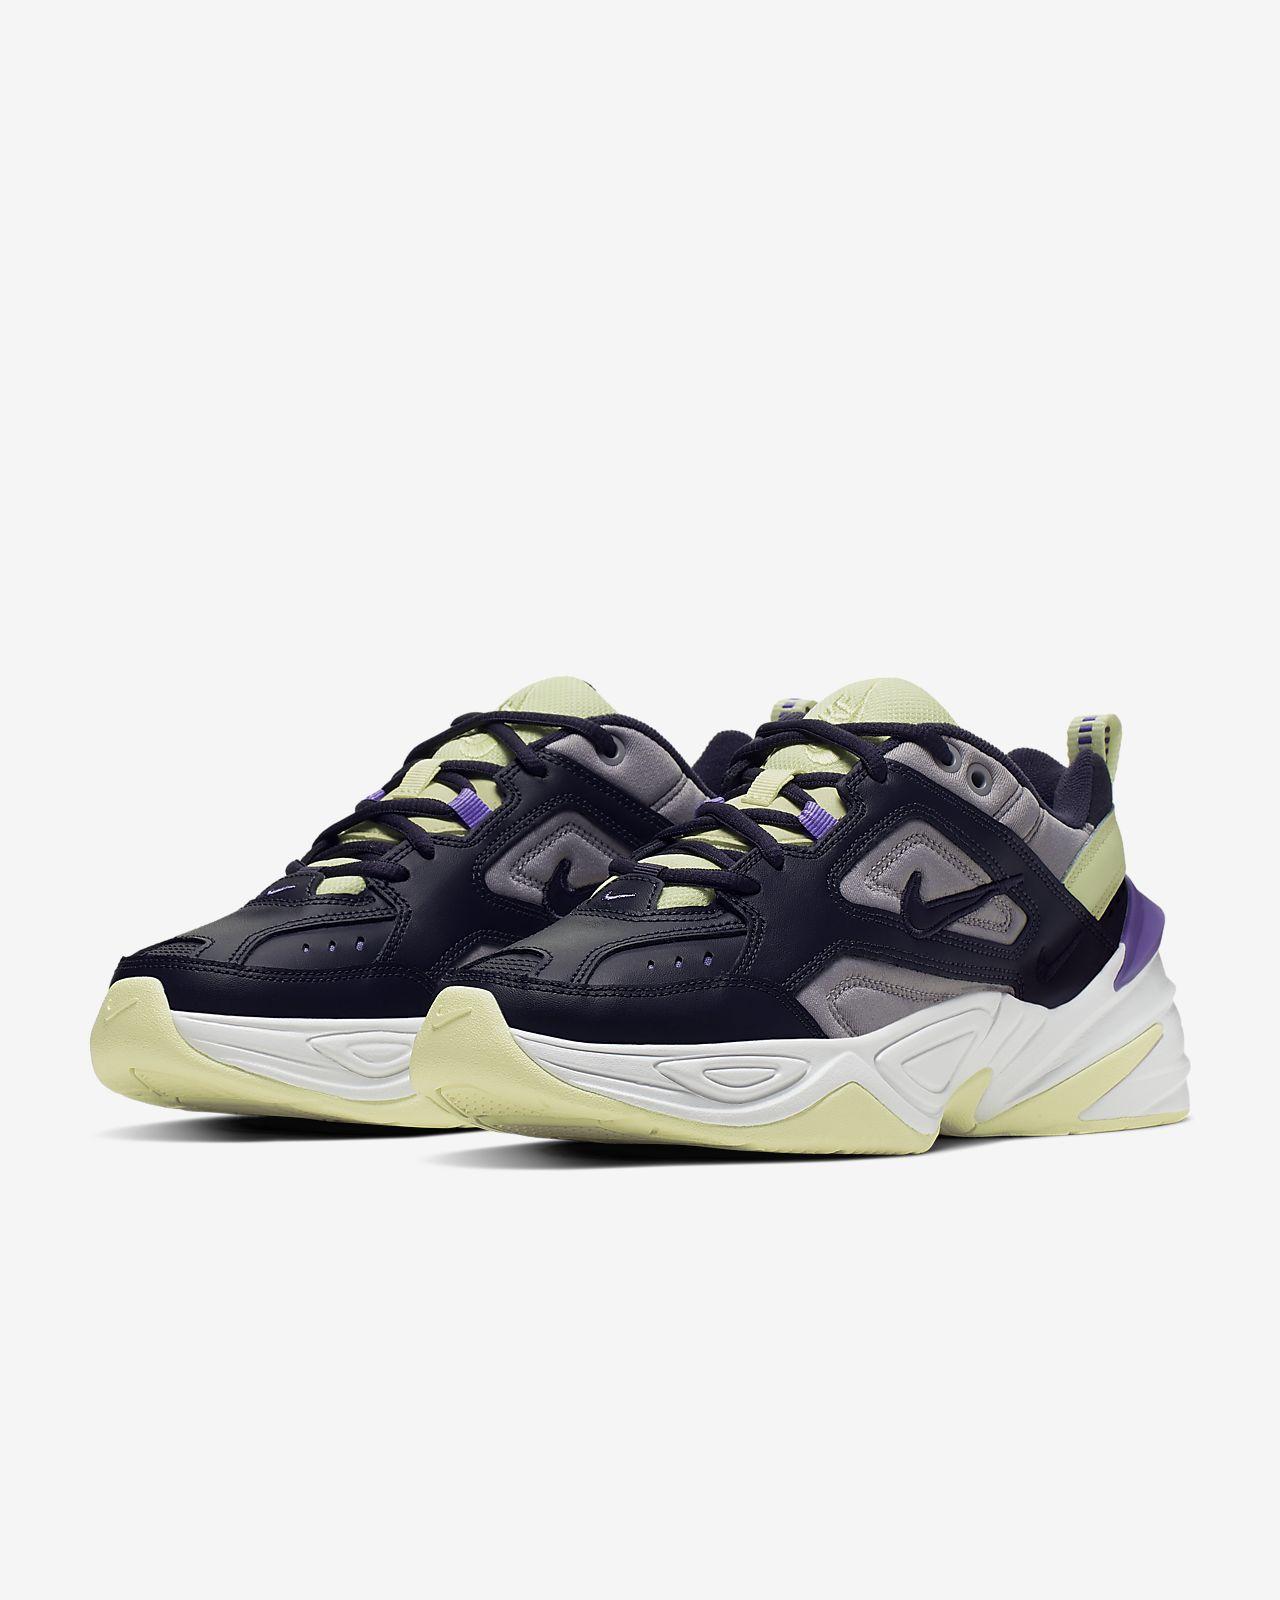 5b28fe5d Low Resolution Nike M2K Tekno Shoe Nike M2K Tekno Shoe